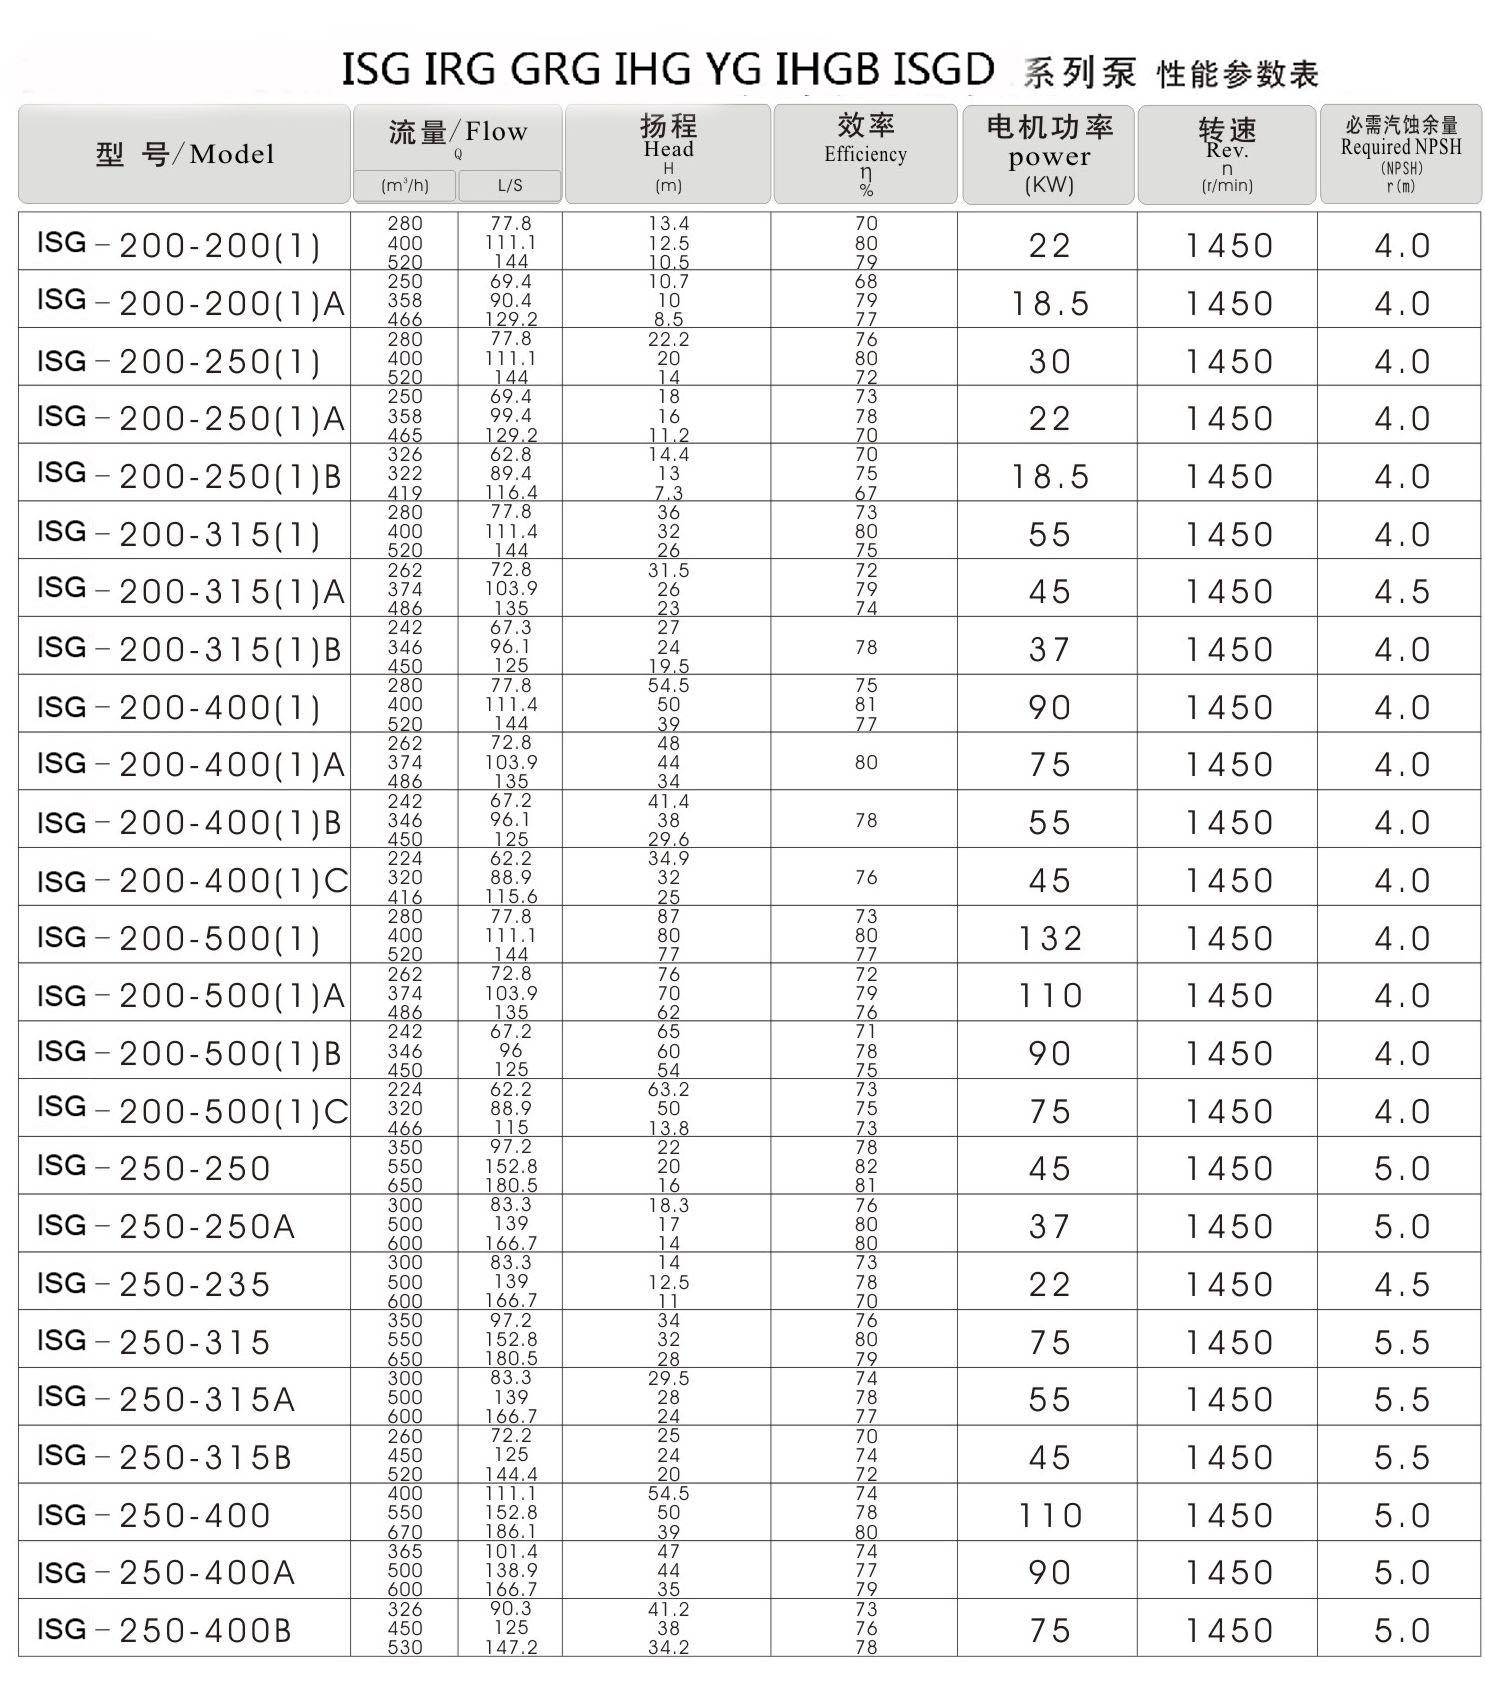 羊城水泵ISG选择表